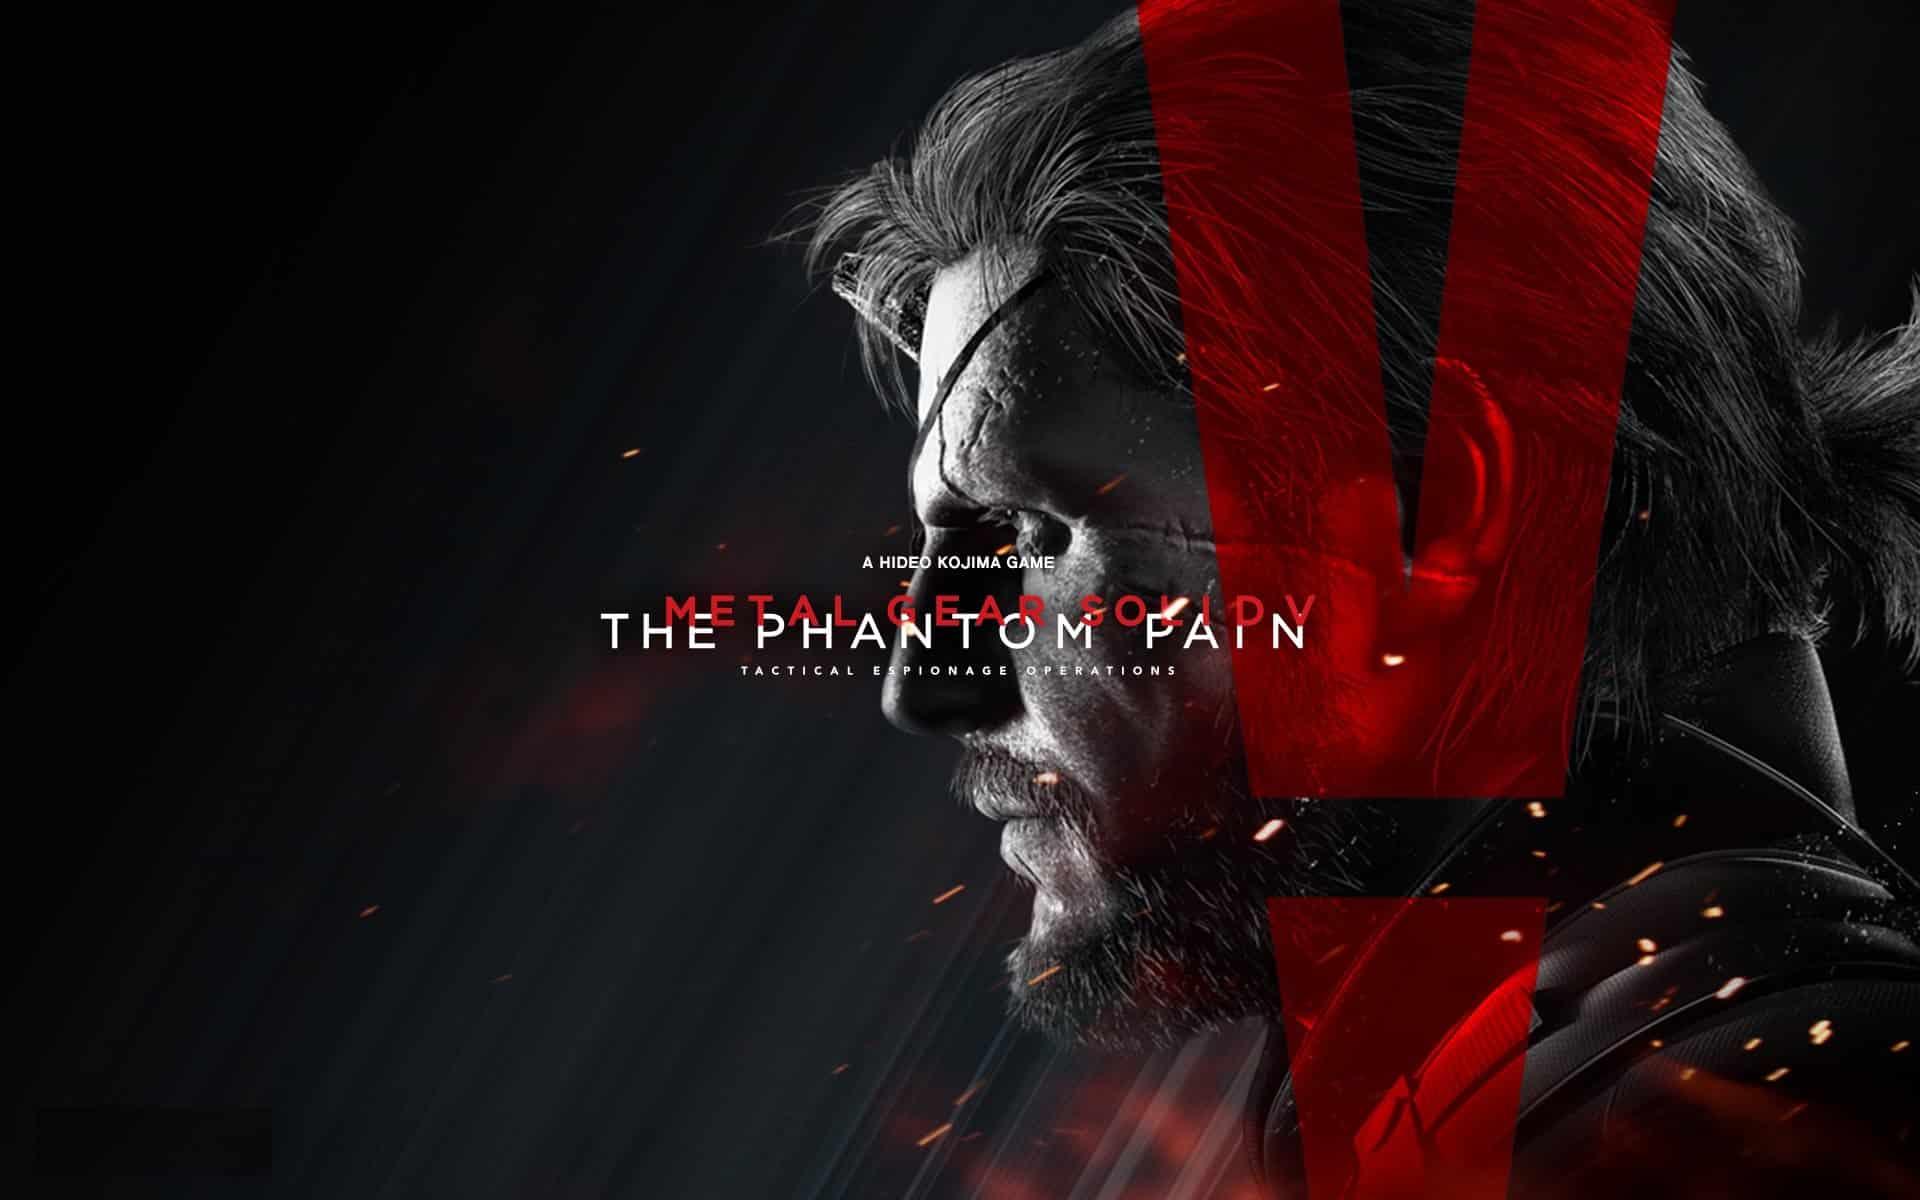 Metal Gear Solid V: The Phantom Pain telecharger gratuit de PC et Torrent